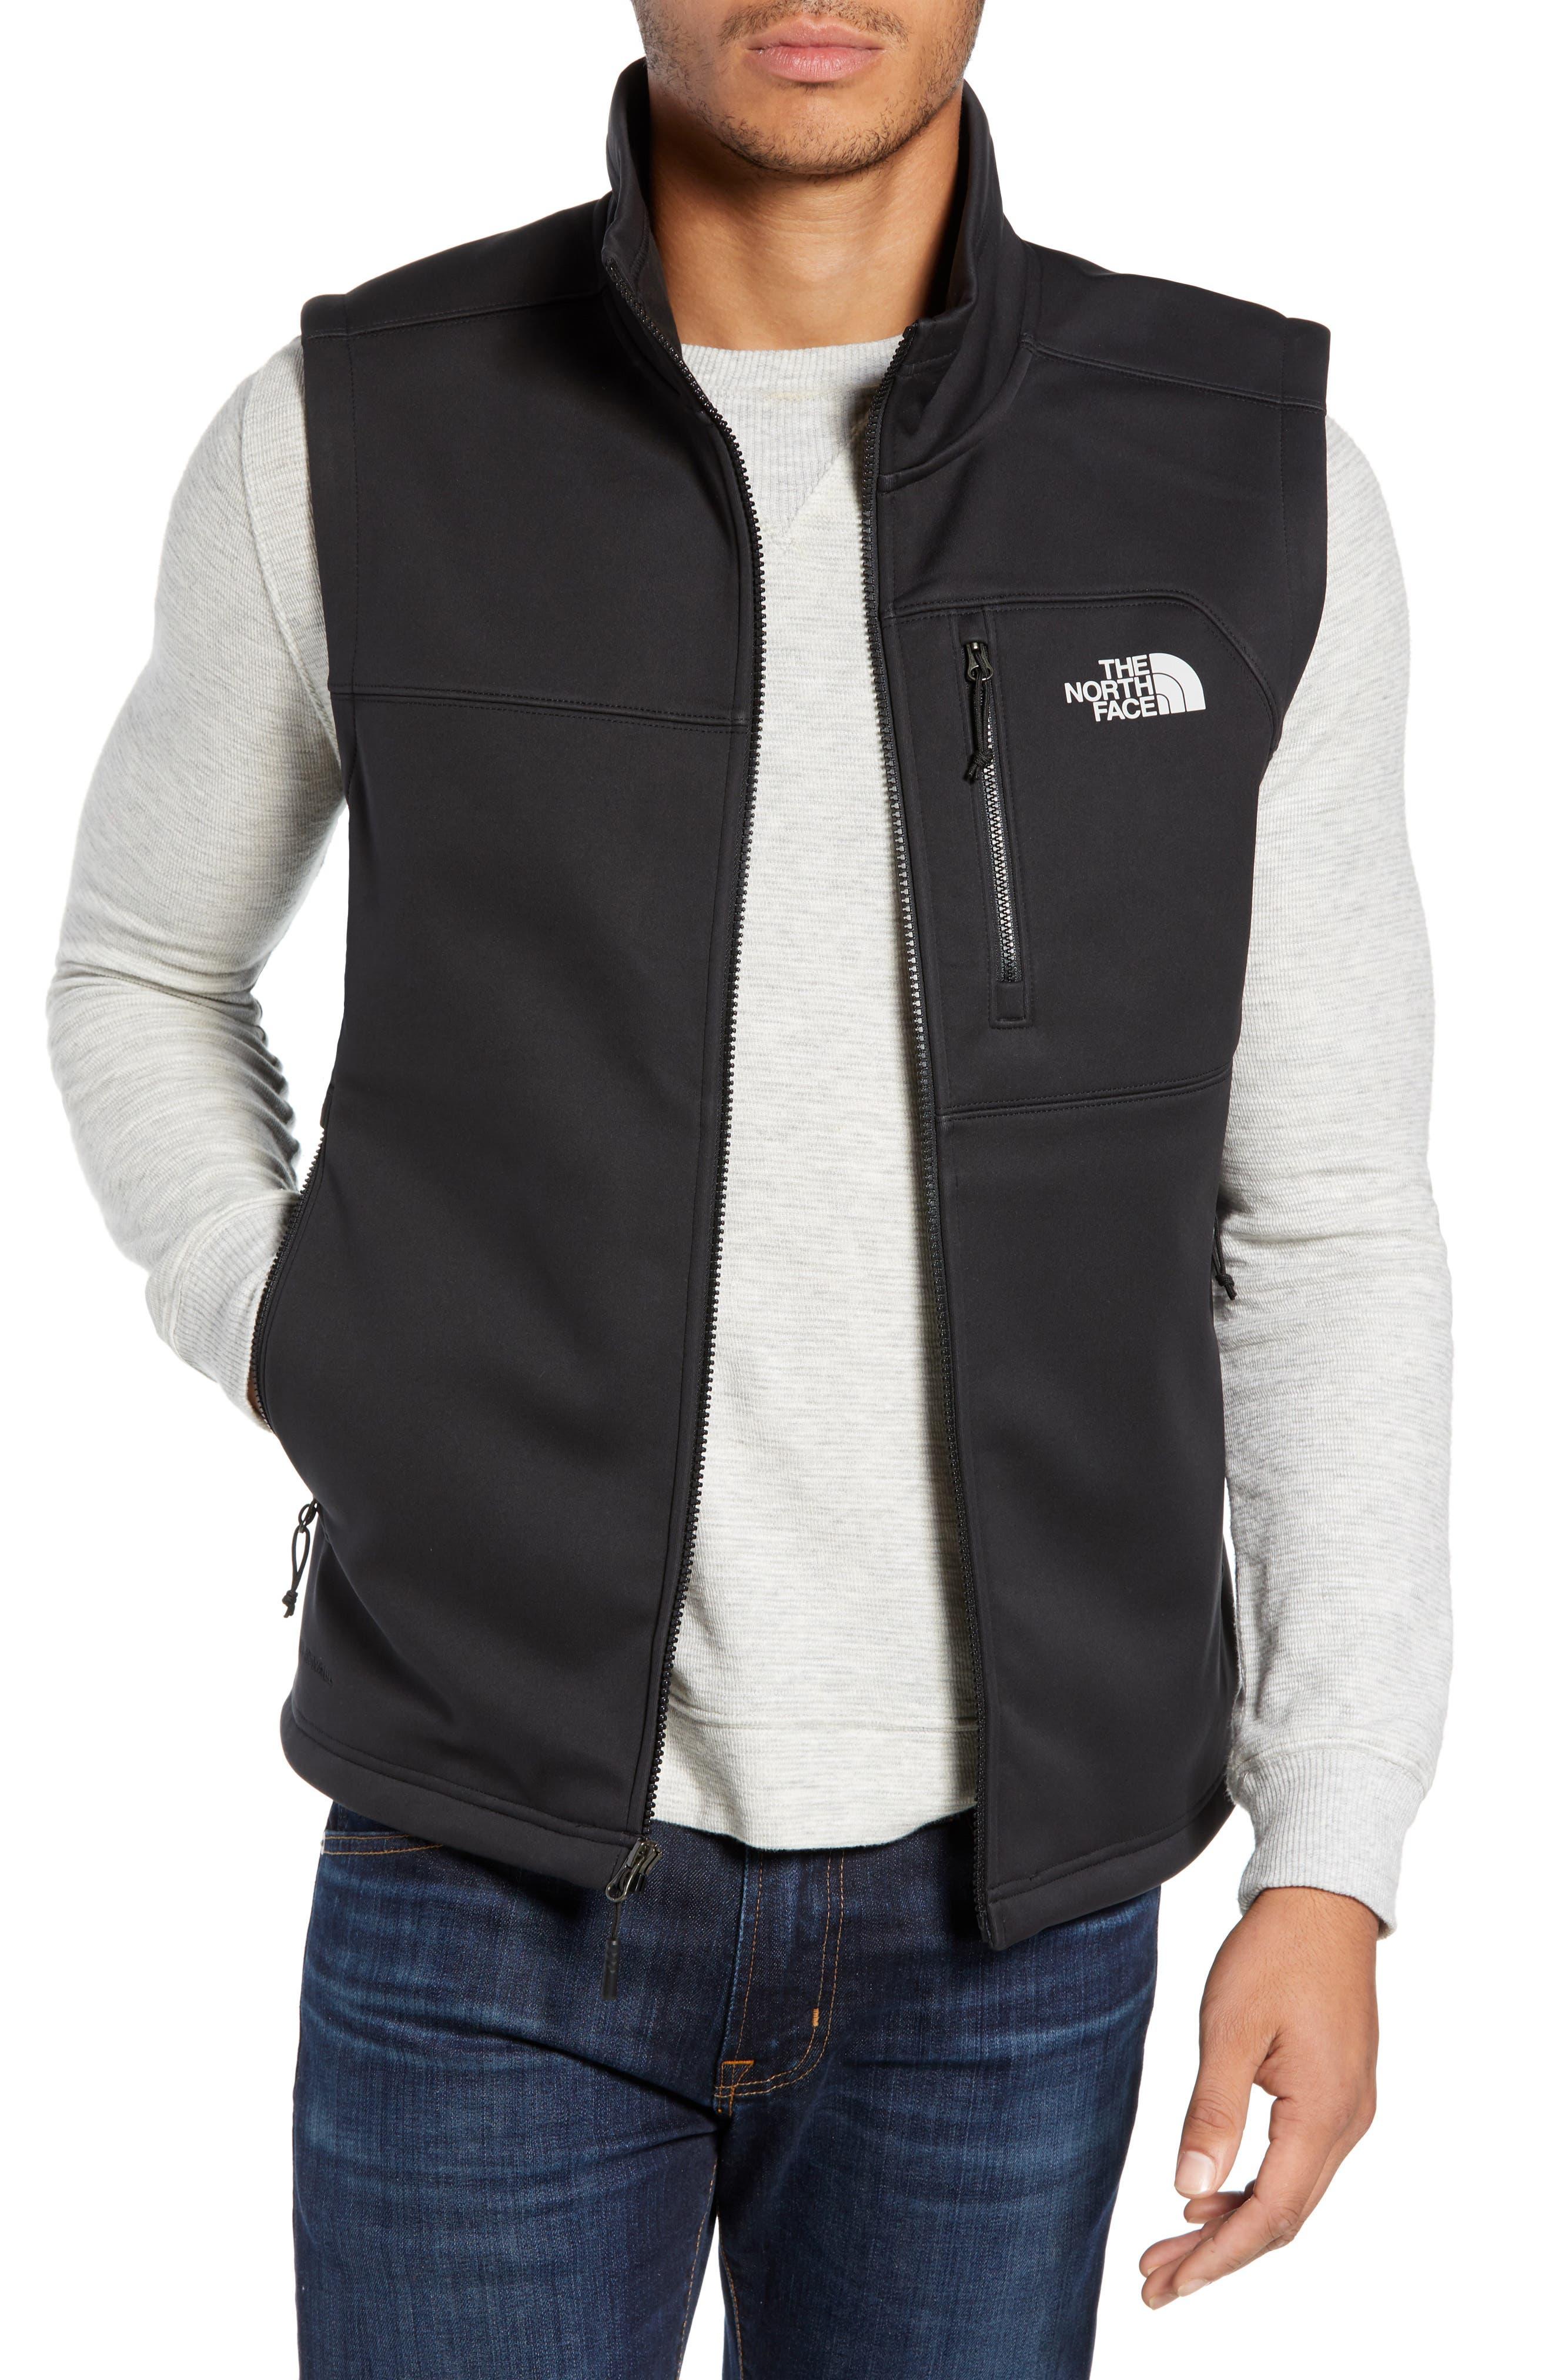 Apex Risor Vest,                         Main,                         color, TNF BLACK/ TNF BLACK